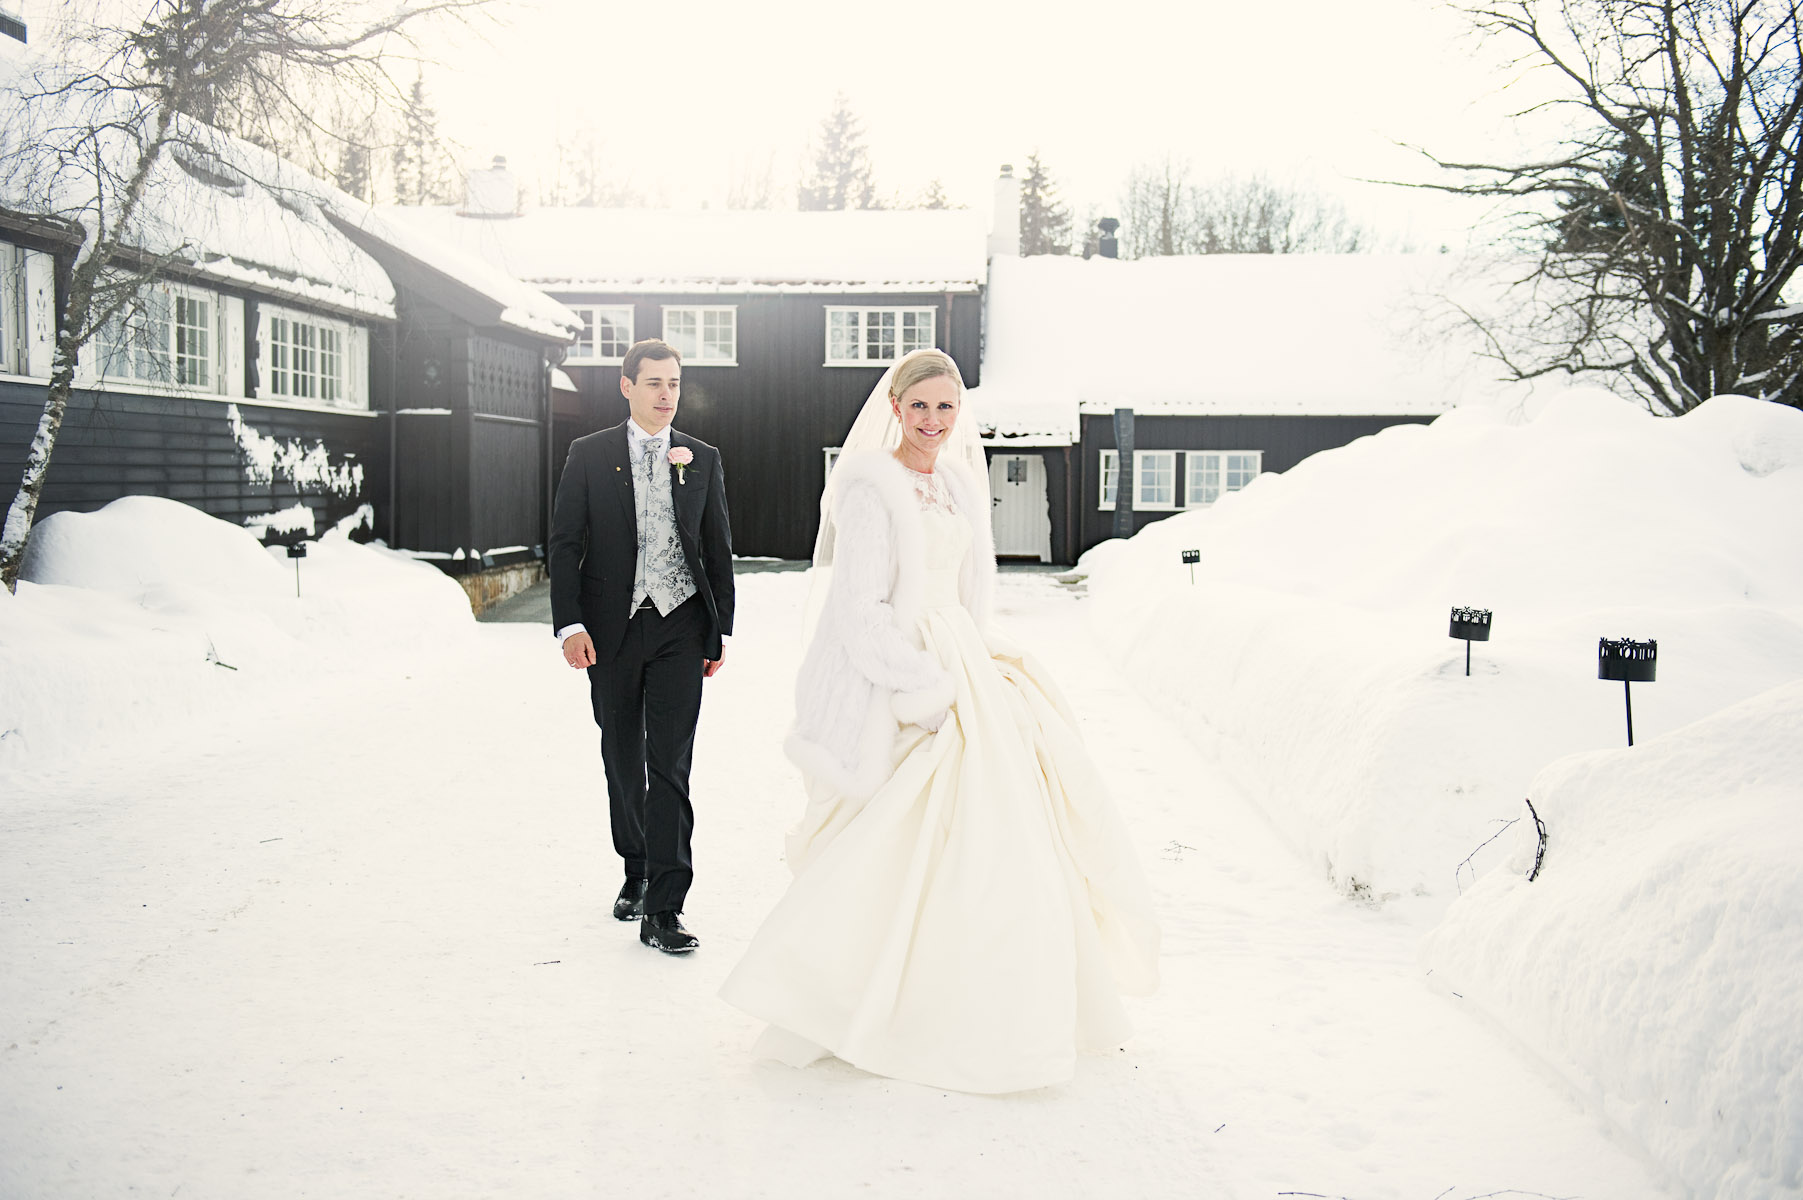 Wedding photography in Norway - Oslo bryllupsfotograf